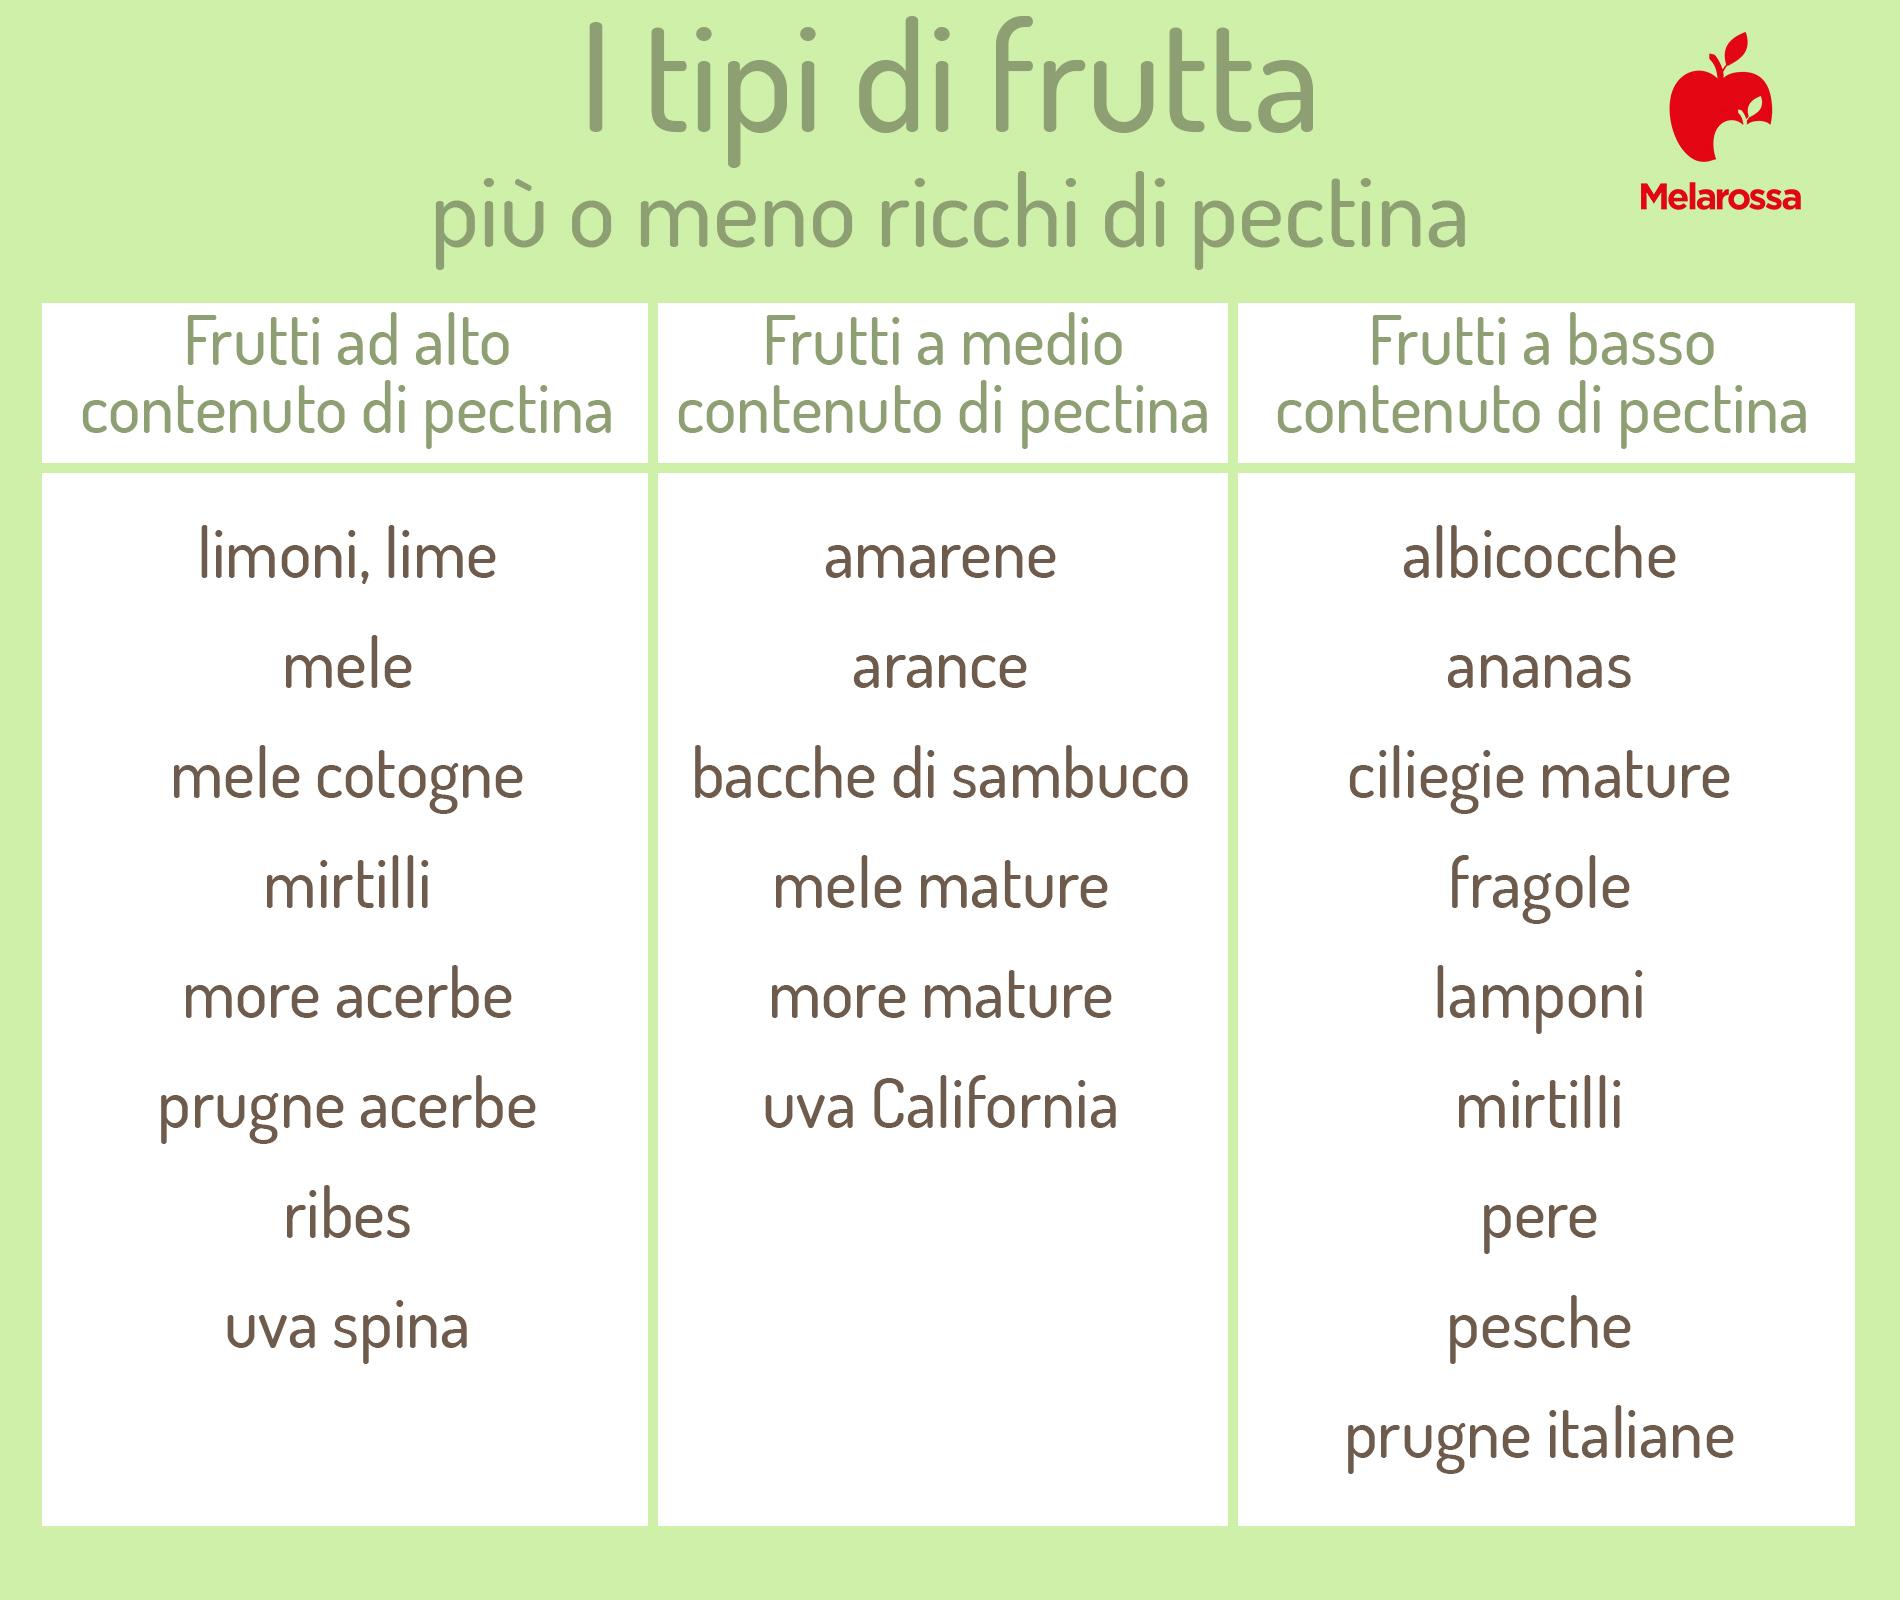 pectina: frutta che ne contiene